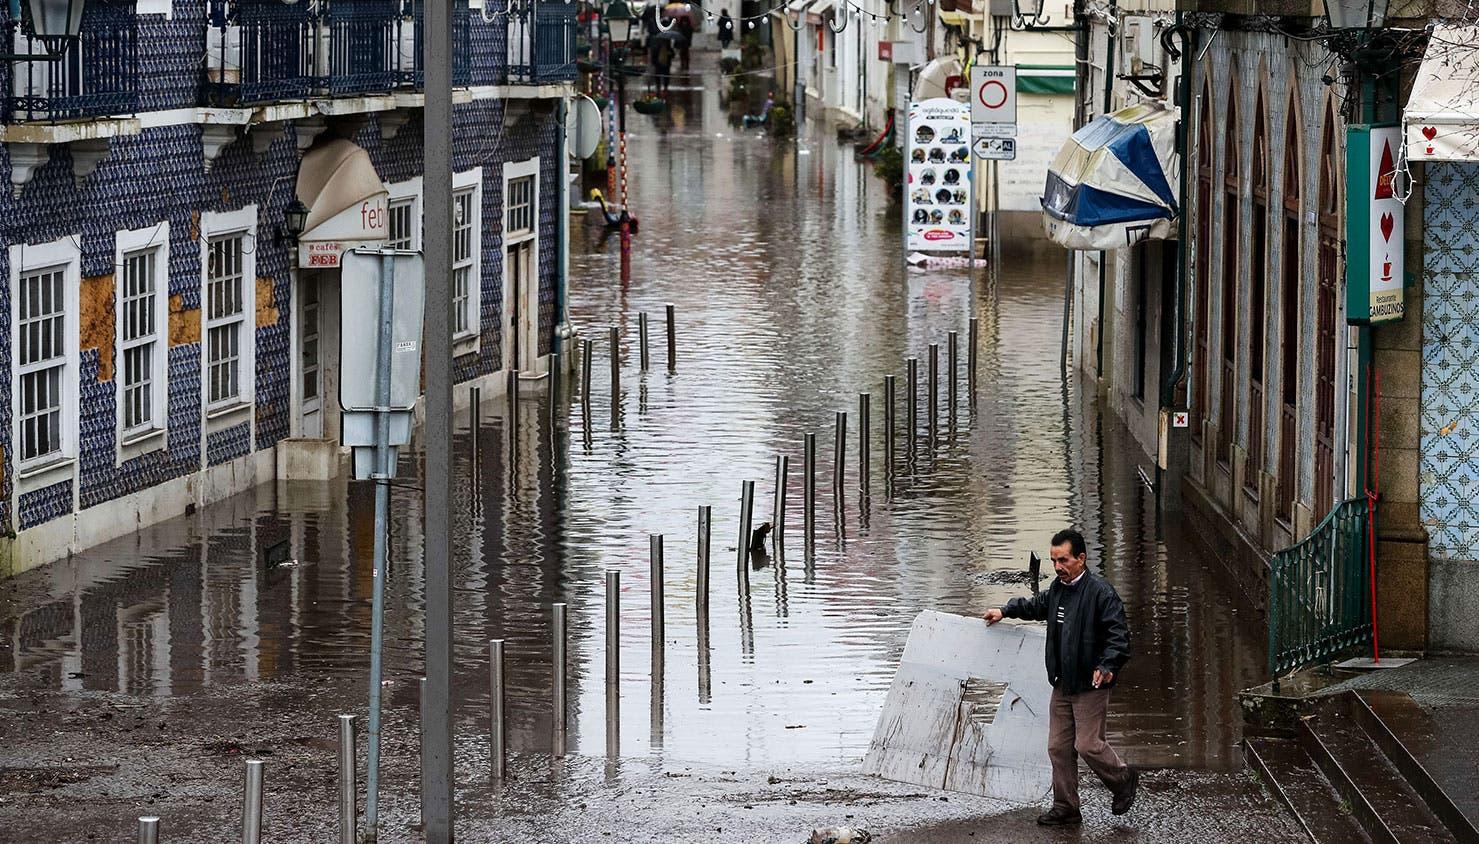 A subida do nível da água do rio Águeda devido à chuva forte provocada pela depressão Elsa provocou a inundação da zona ribeirinha de Águeda | Paulo Novais - Lusa